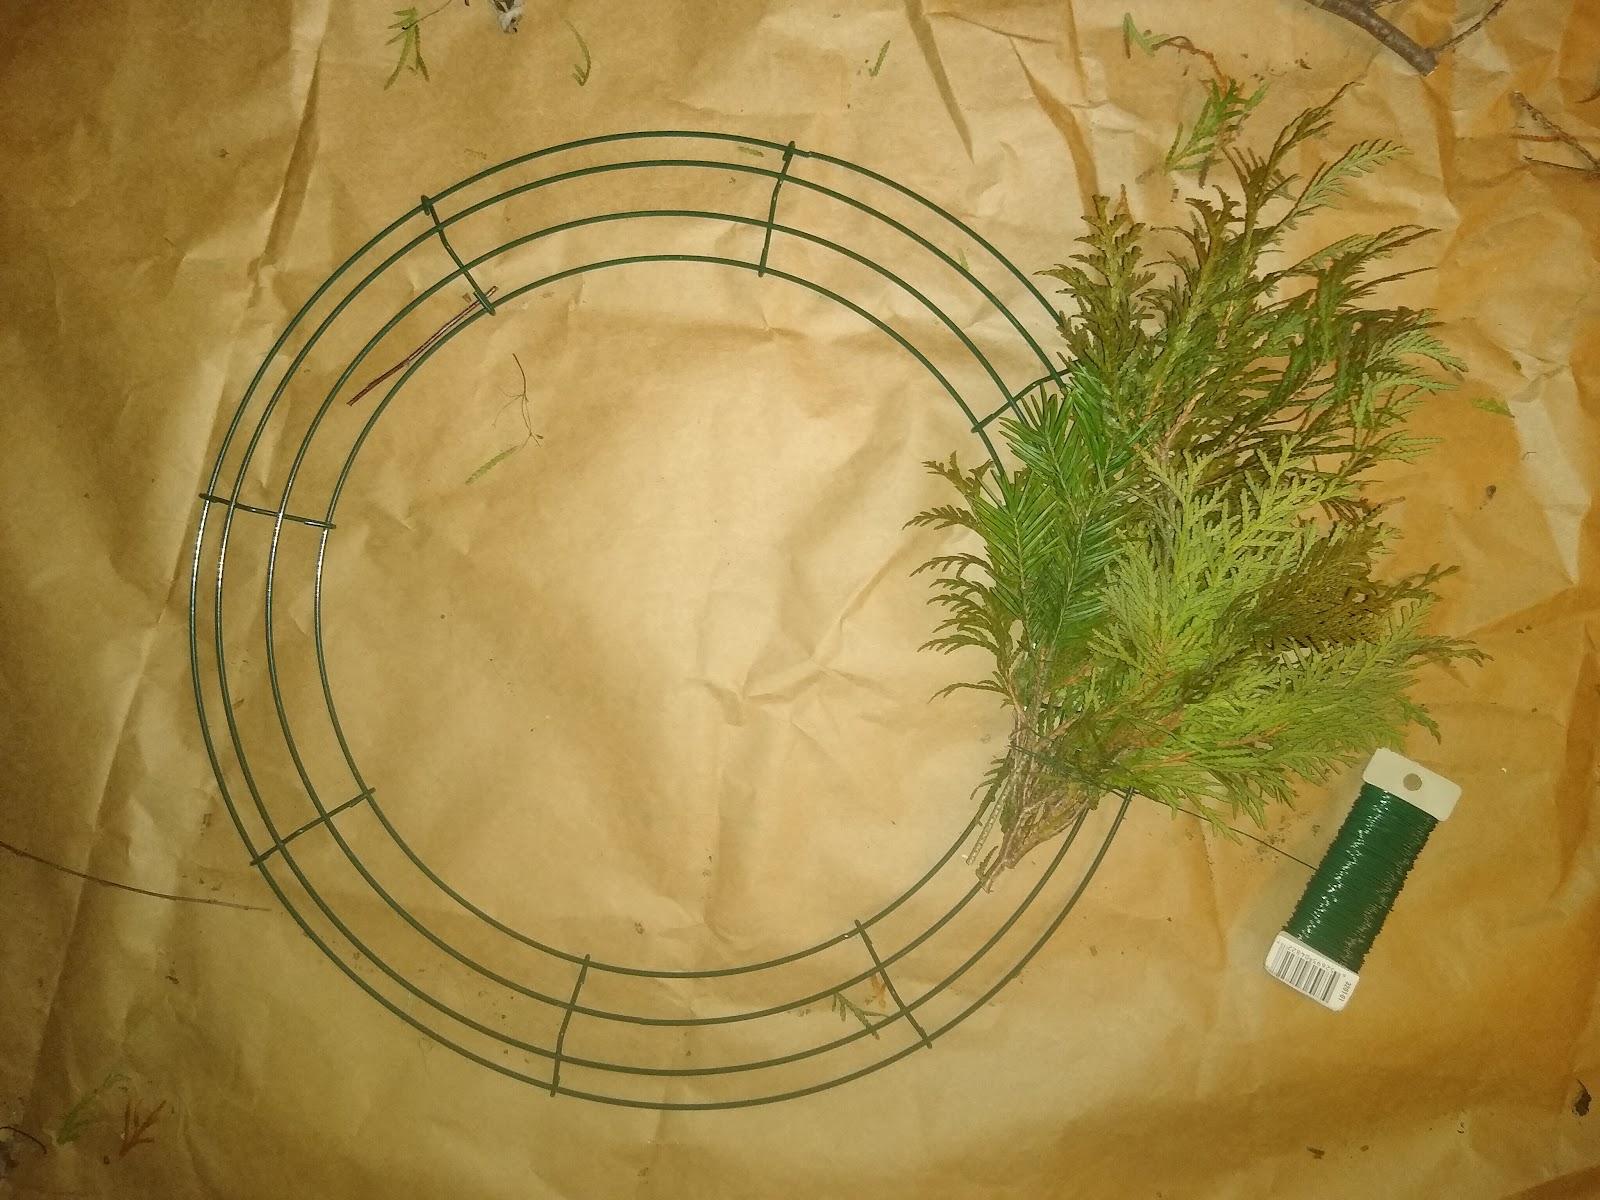 Christmas wreath bundle